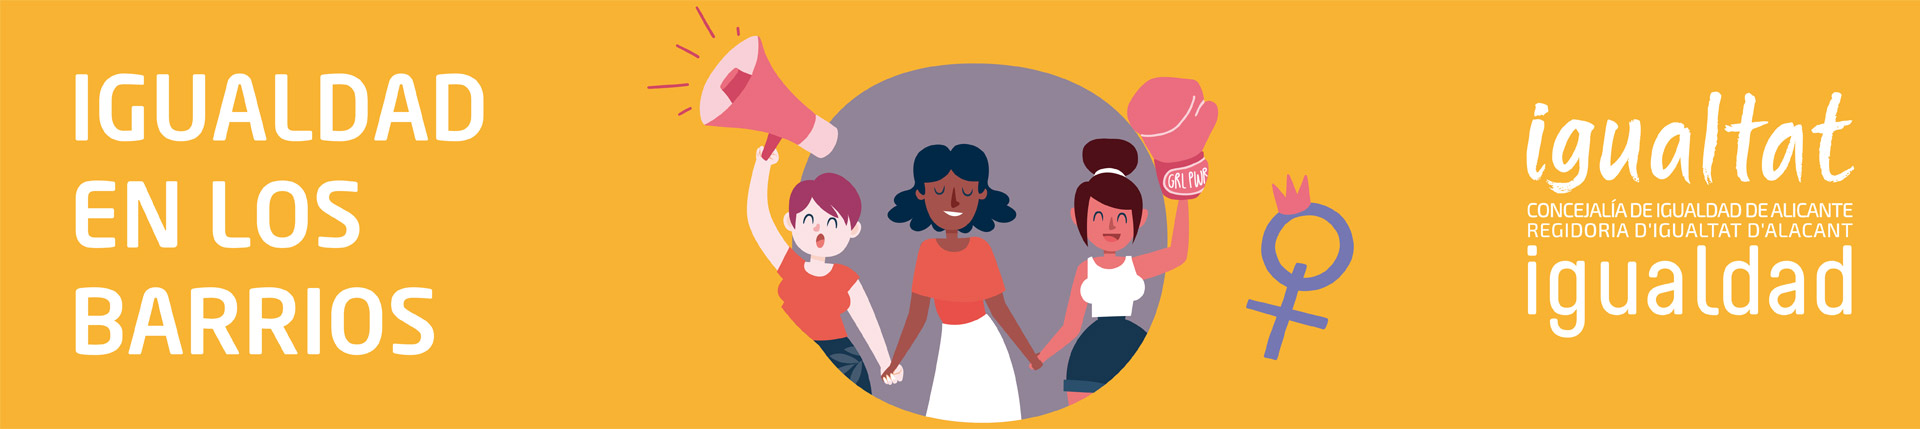 Igualdad en los barrios abril-junio 2021